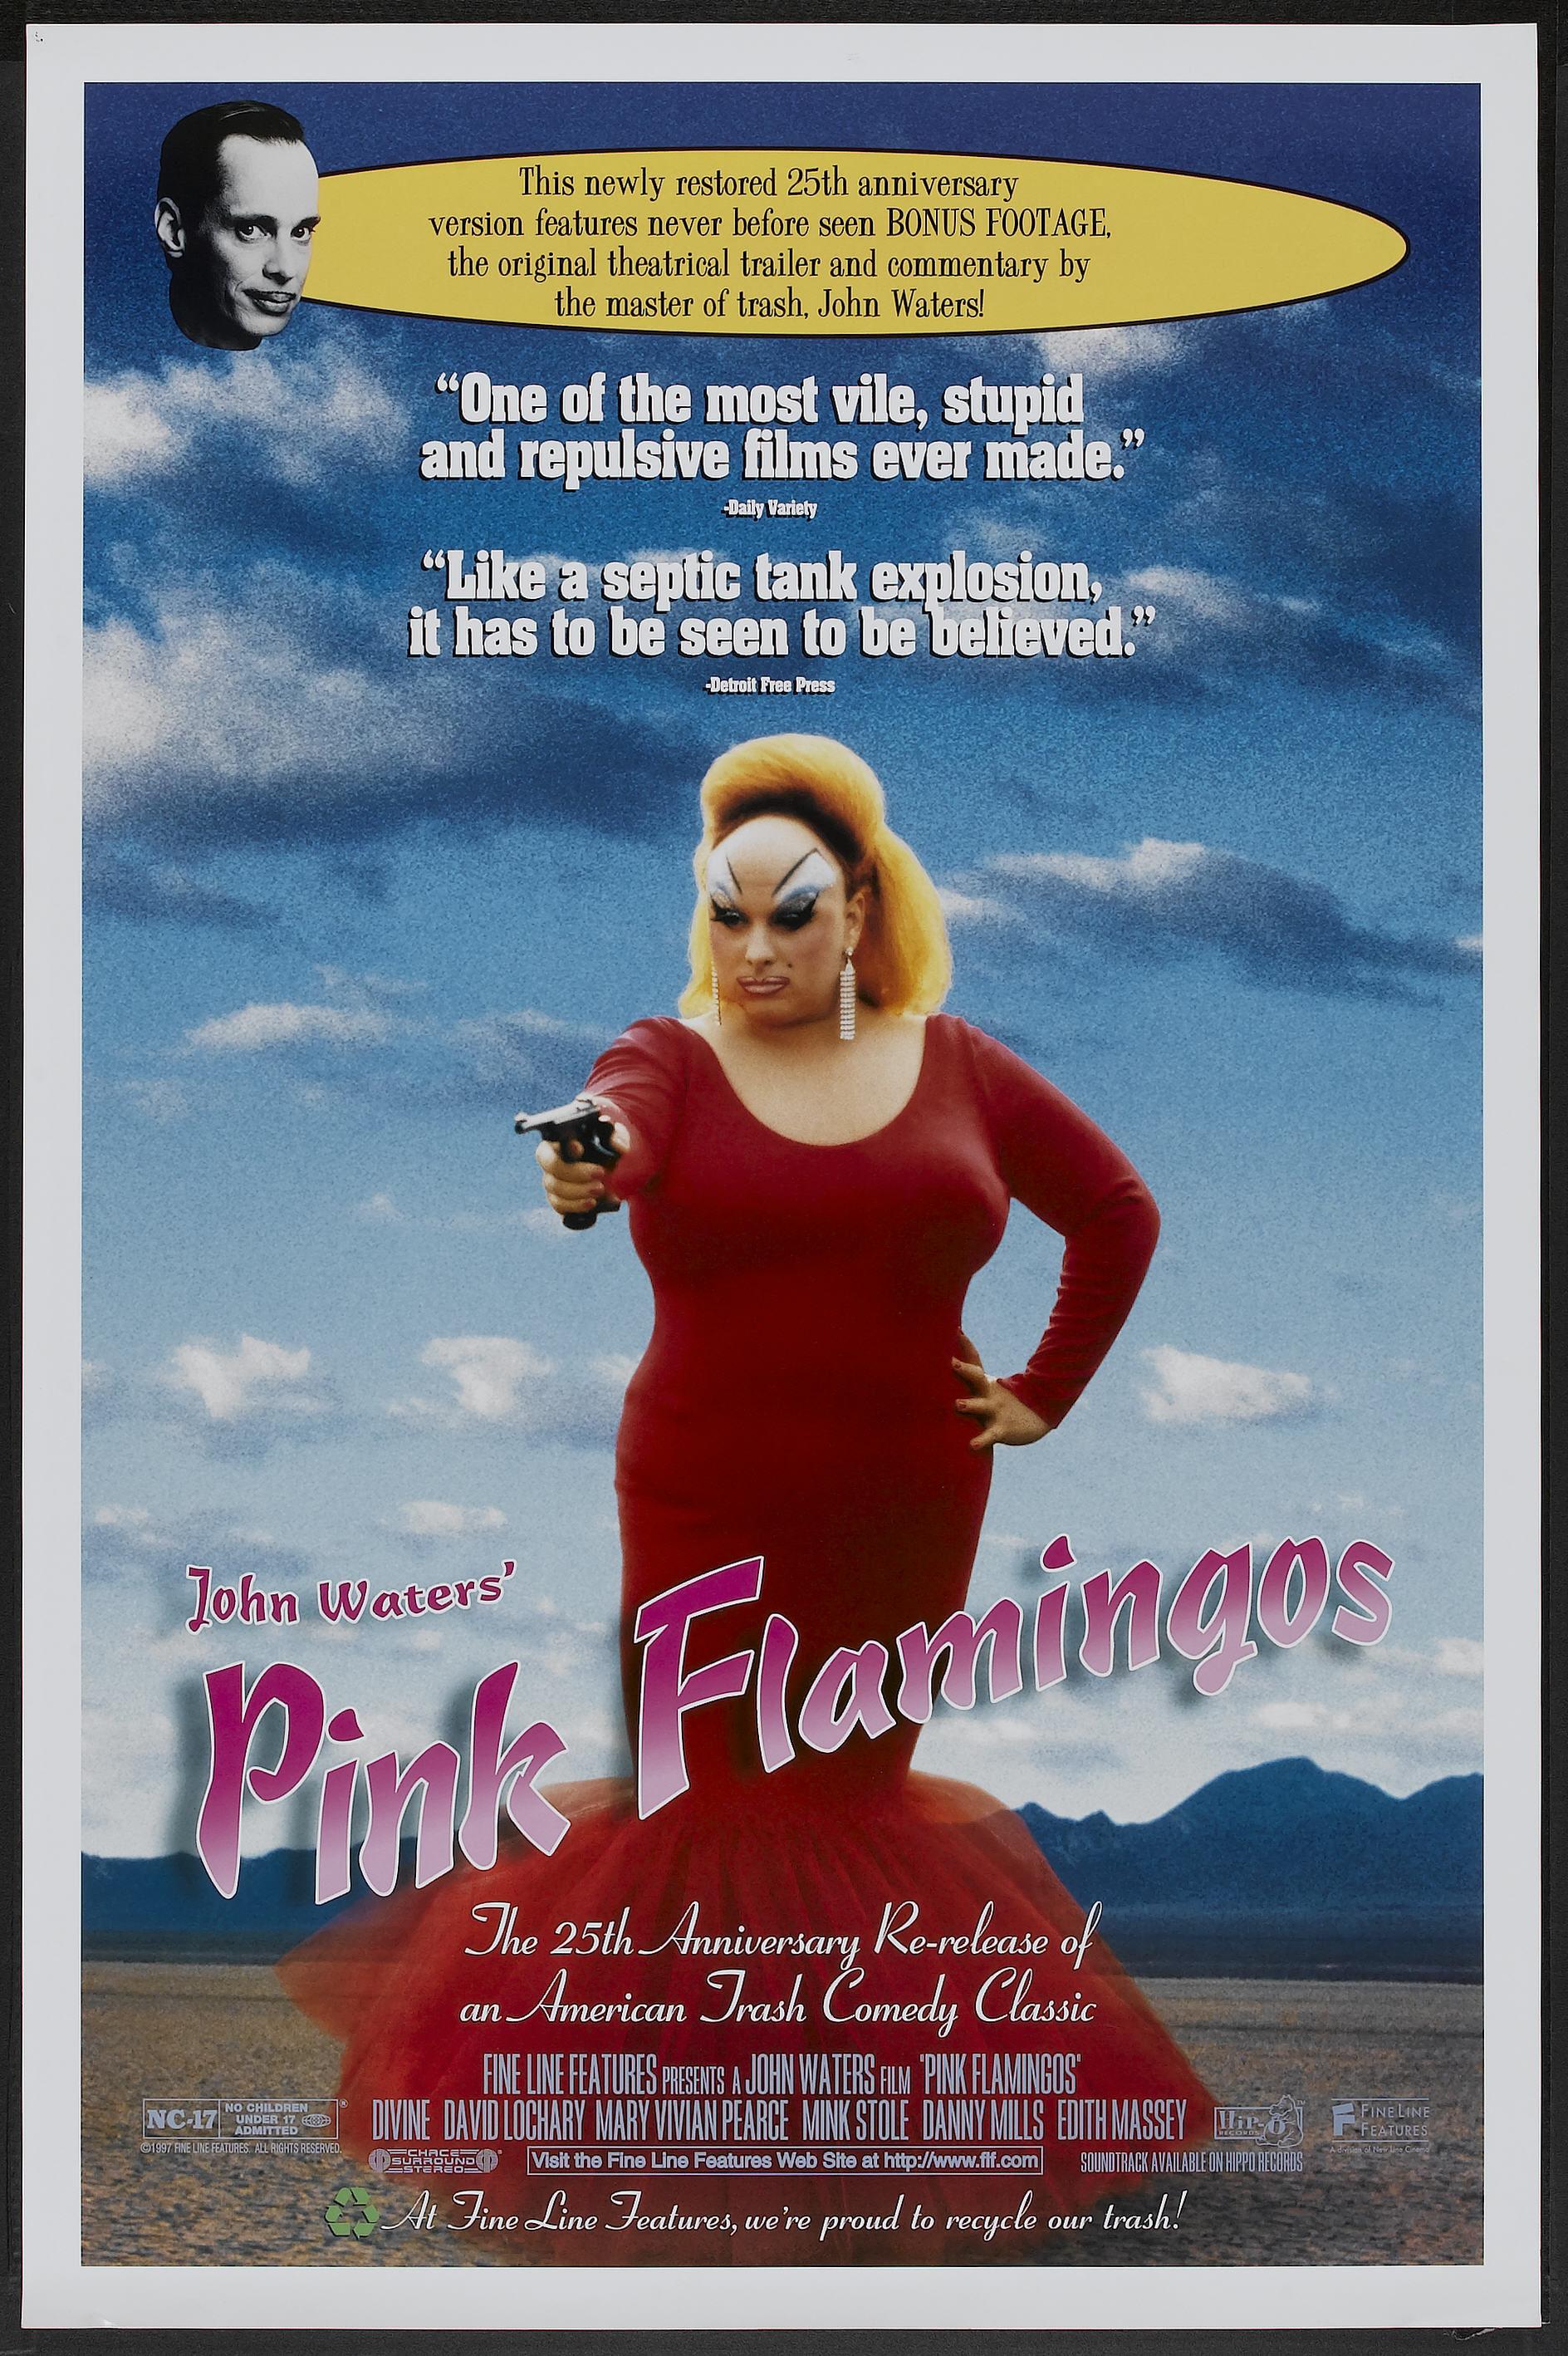 pink_flamingos_poster_011.jpg